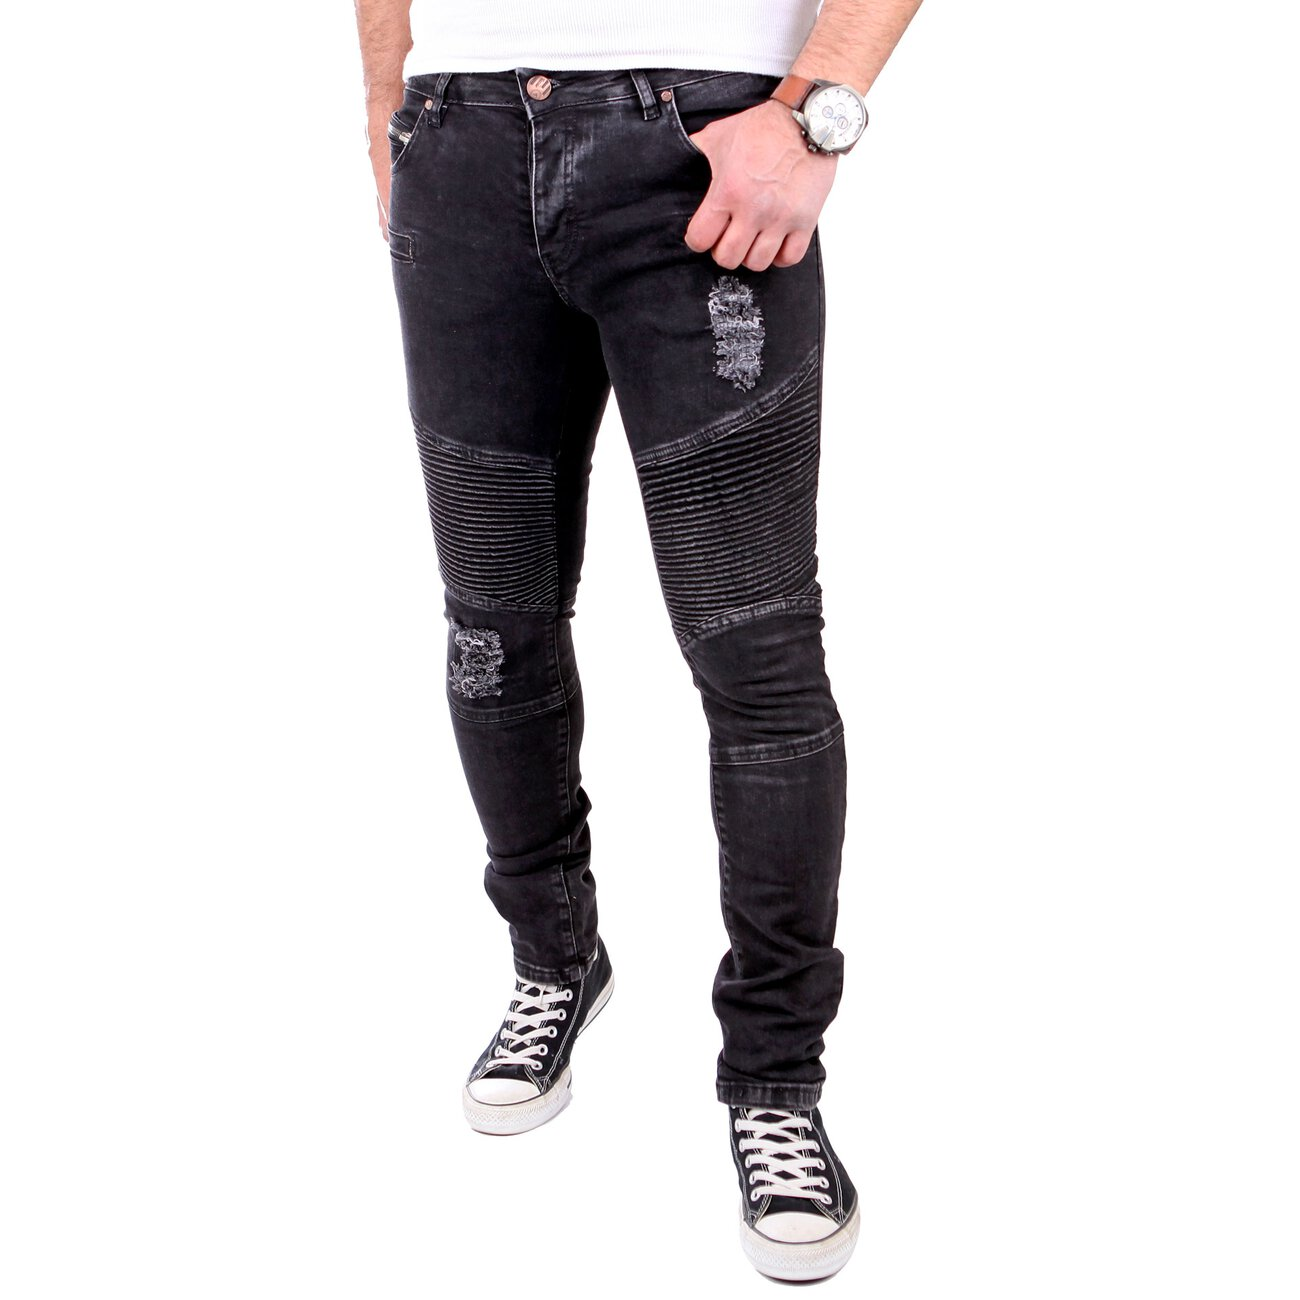 reslad jeans herren biker jeans slim fit denim stretch. Black Bedroom Furniture Sets. Home Design Ideas